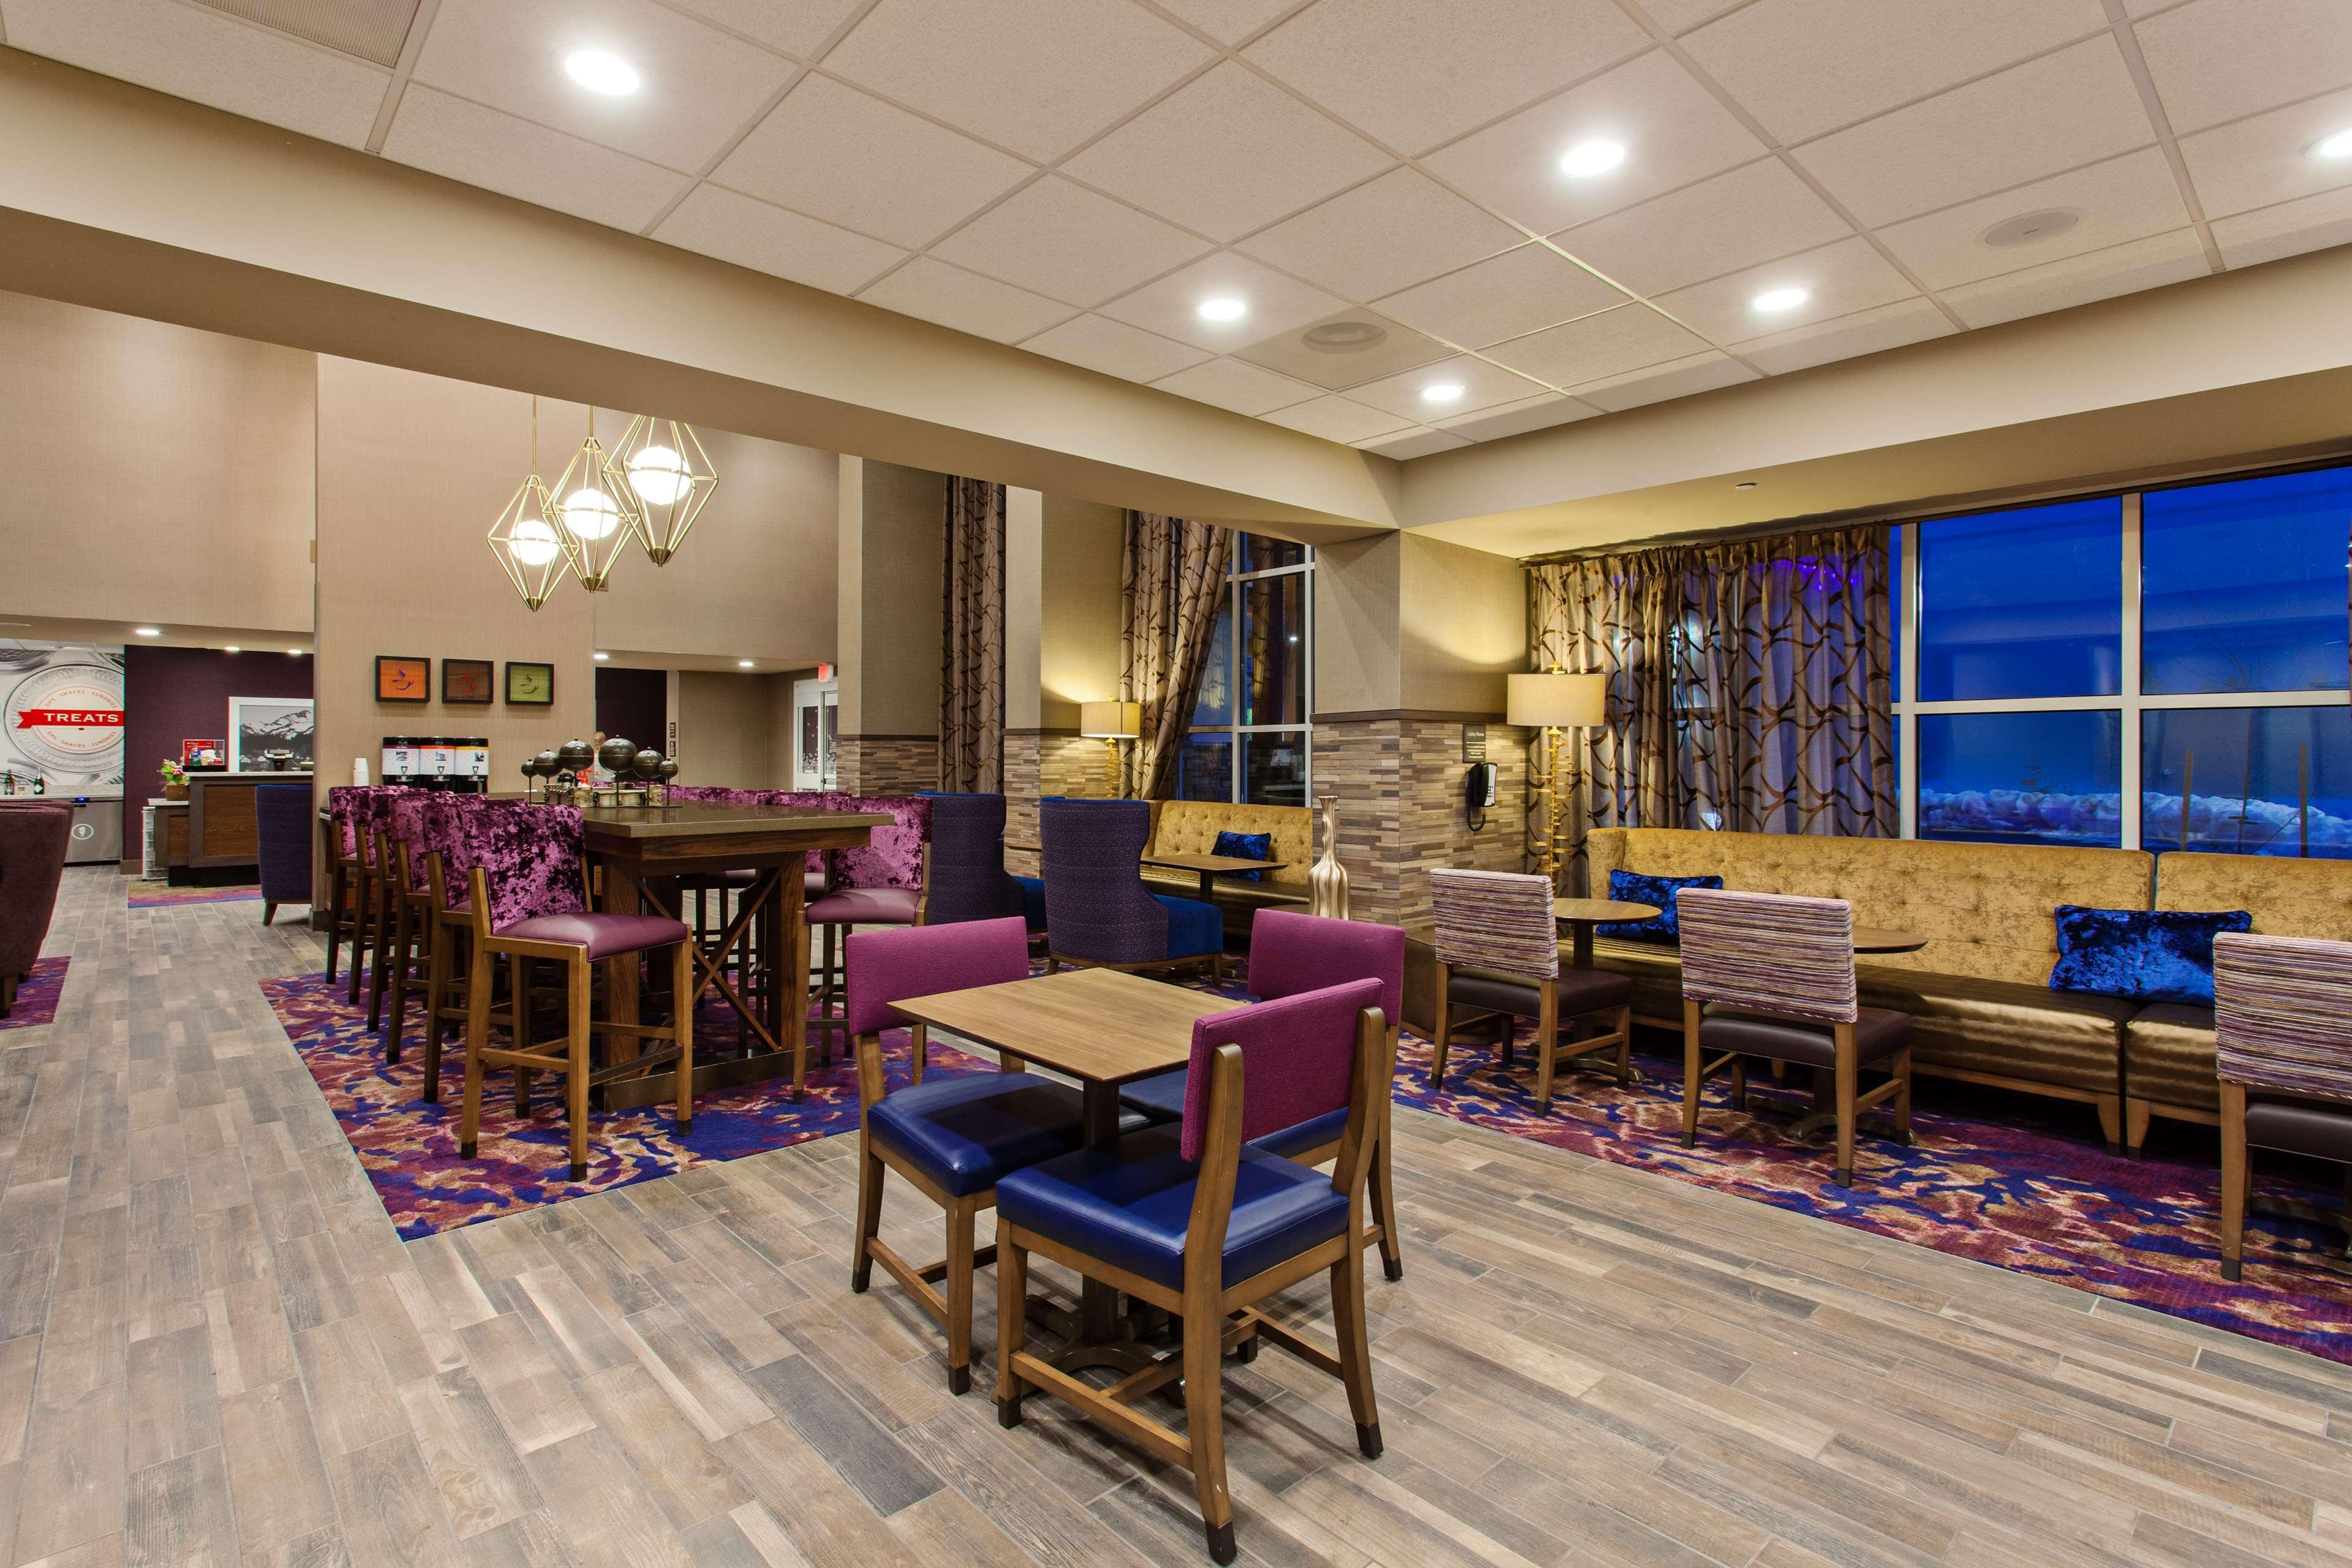 Hampton Inn & Suites Leavenworth image 12